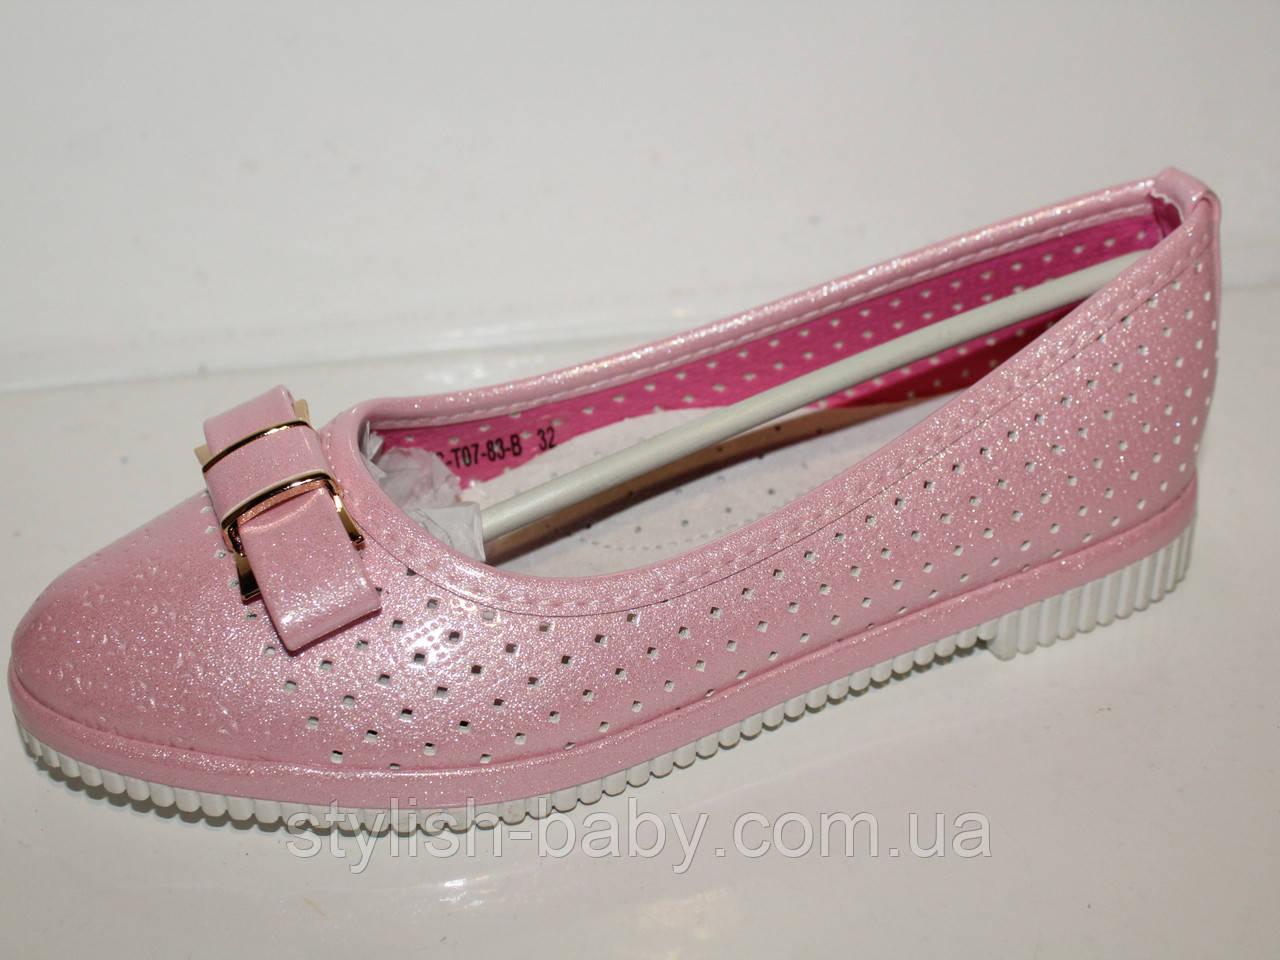 Детская обувь оптом. Детские туфли с перфорацией бренда Tom.m для девочек (рр. с 32 по 37)